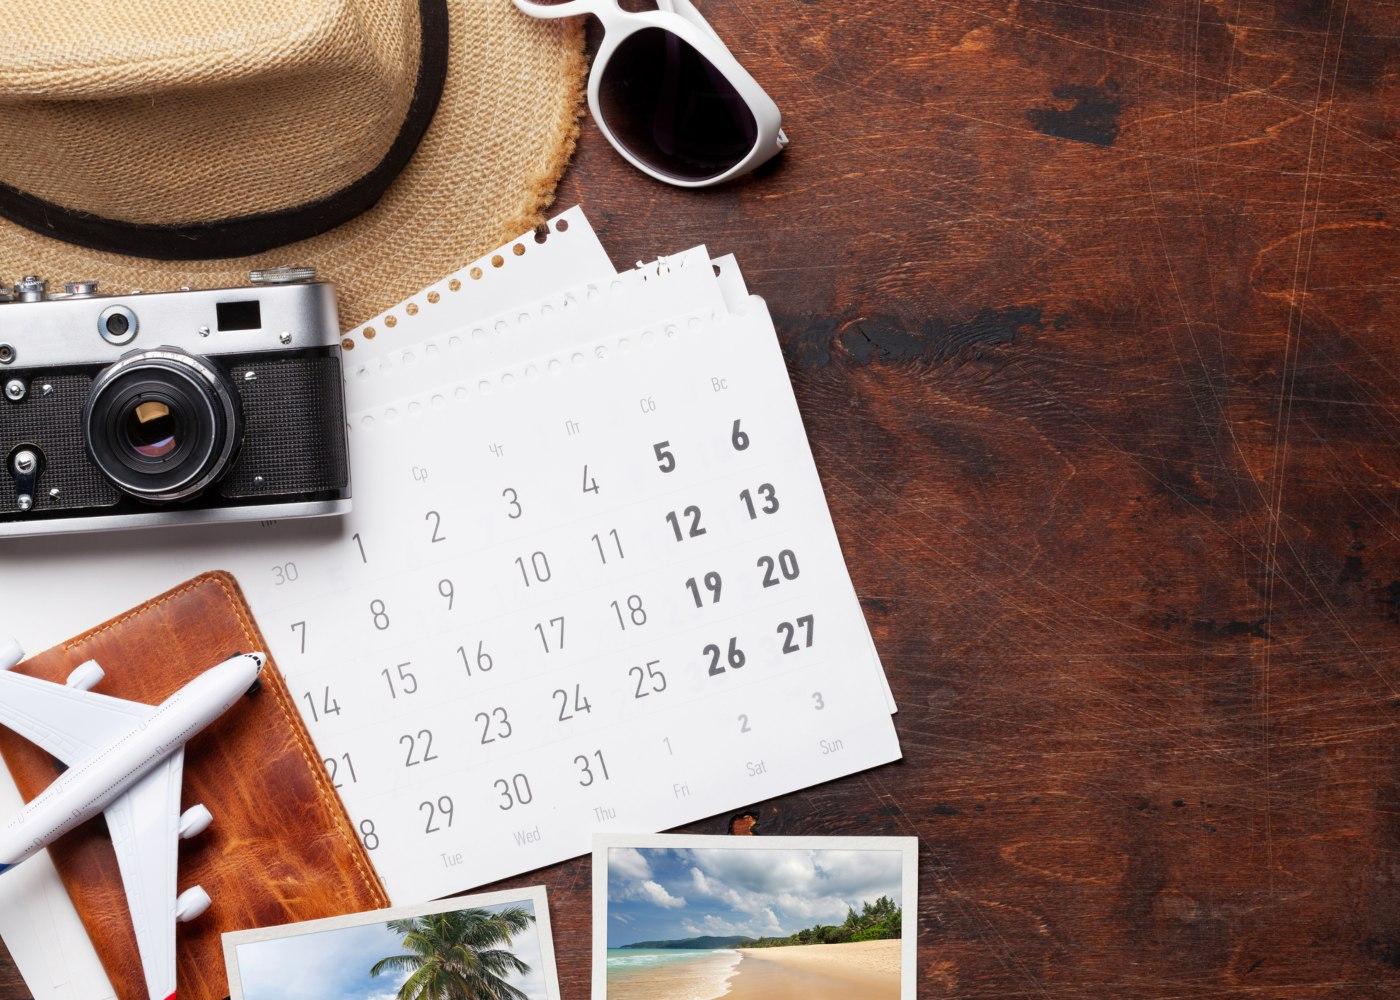 objetos relacionados com férias como chapéu, calendário, máquina fotográfica